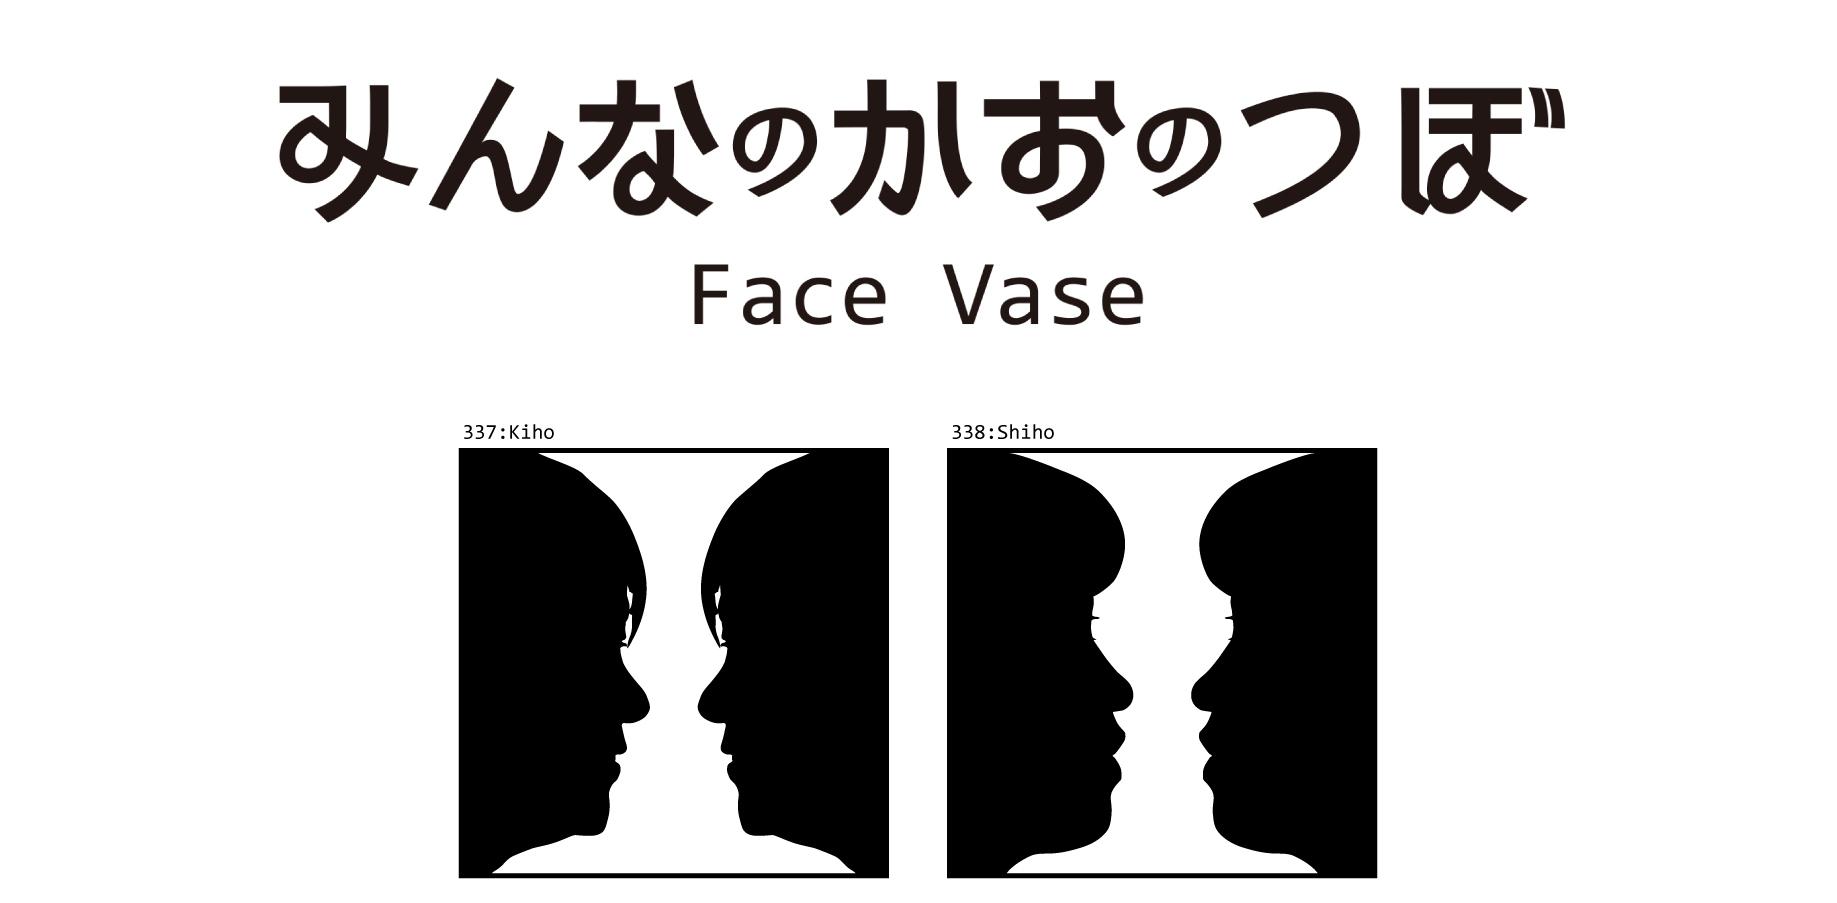 みんなのかおのつぼ / Face Vase:337 Kiho -> 338 Shiho_d0018646_22143268.jpg